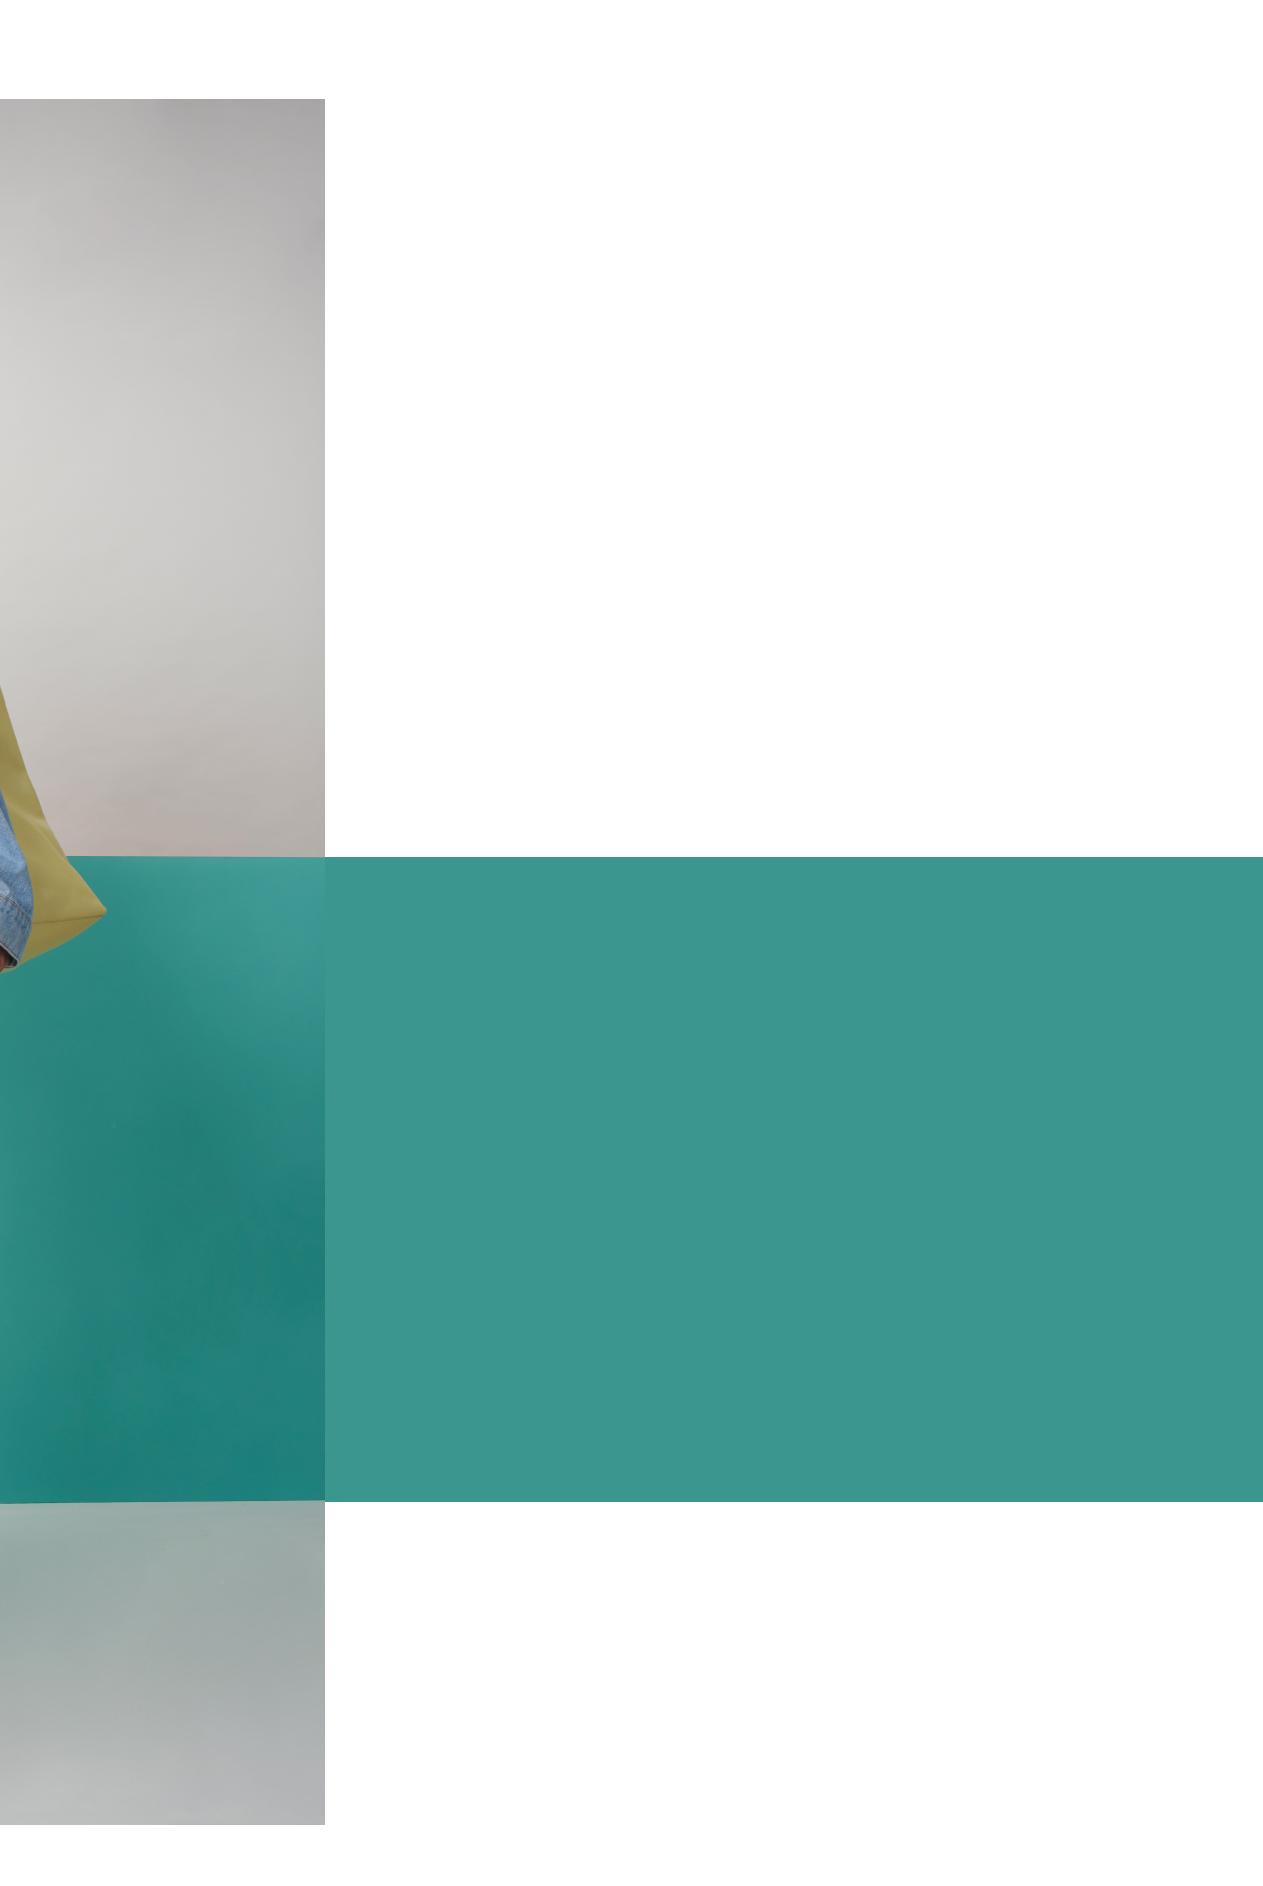 banner 2.3 pantone